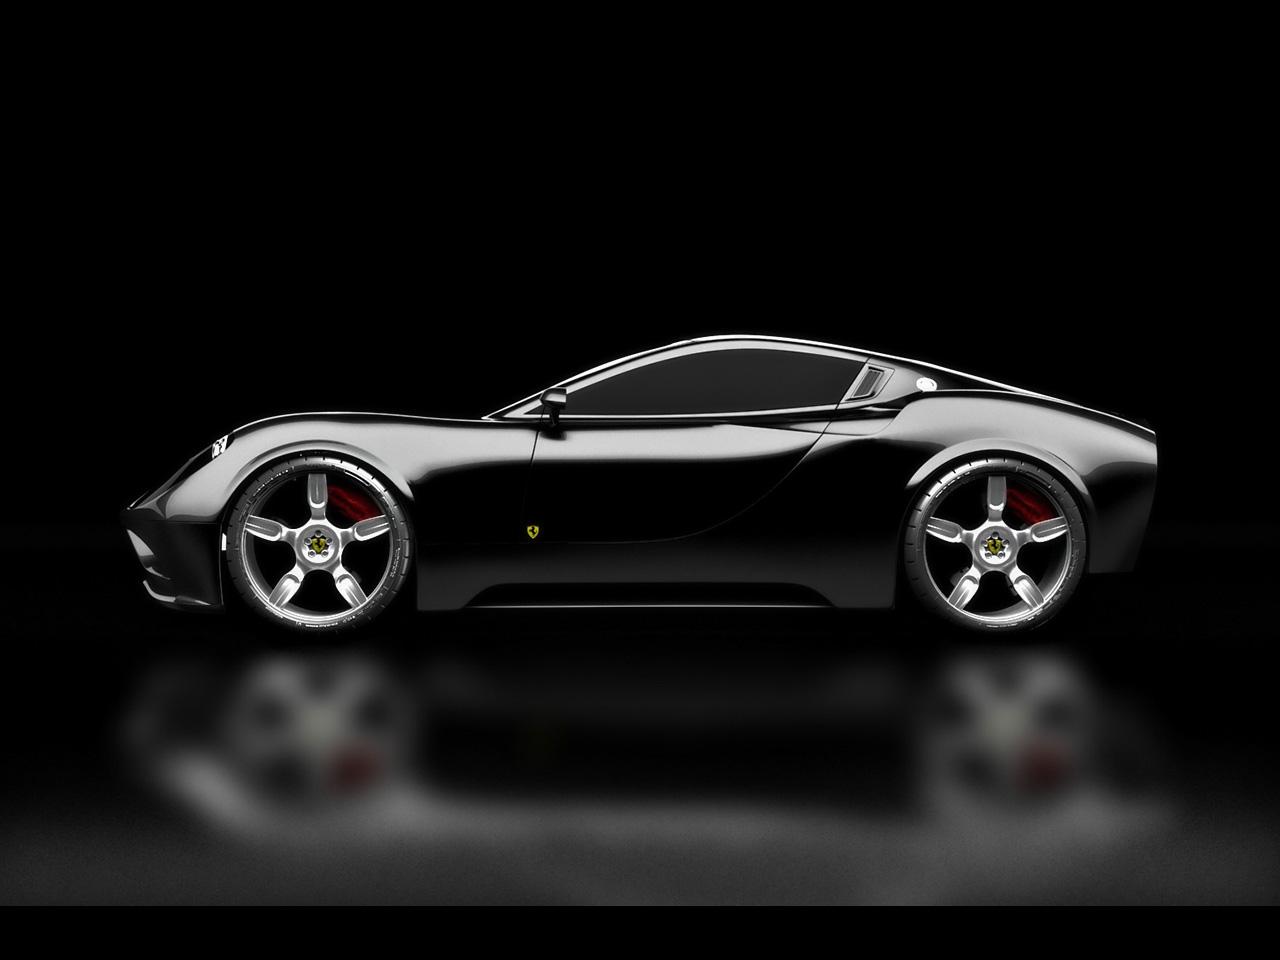 Siêu xe Ferrari Dino sẽ ra mắt để kỷ niệm 70 năm thành lập Ferrari?